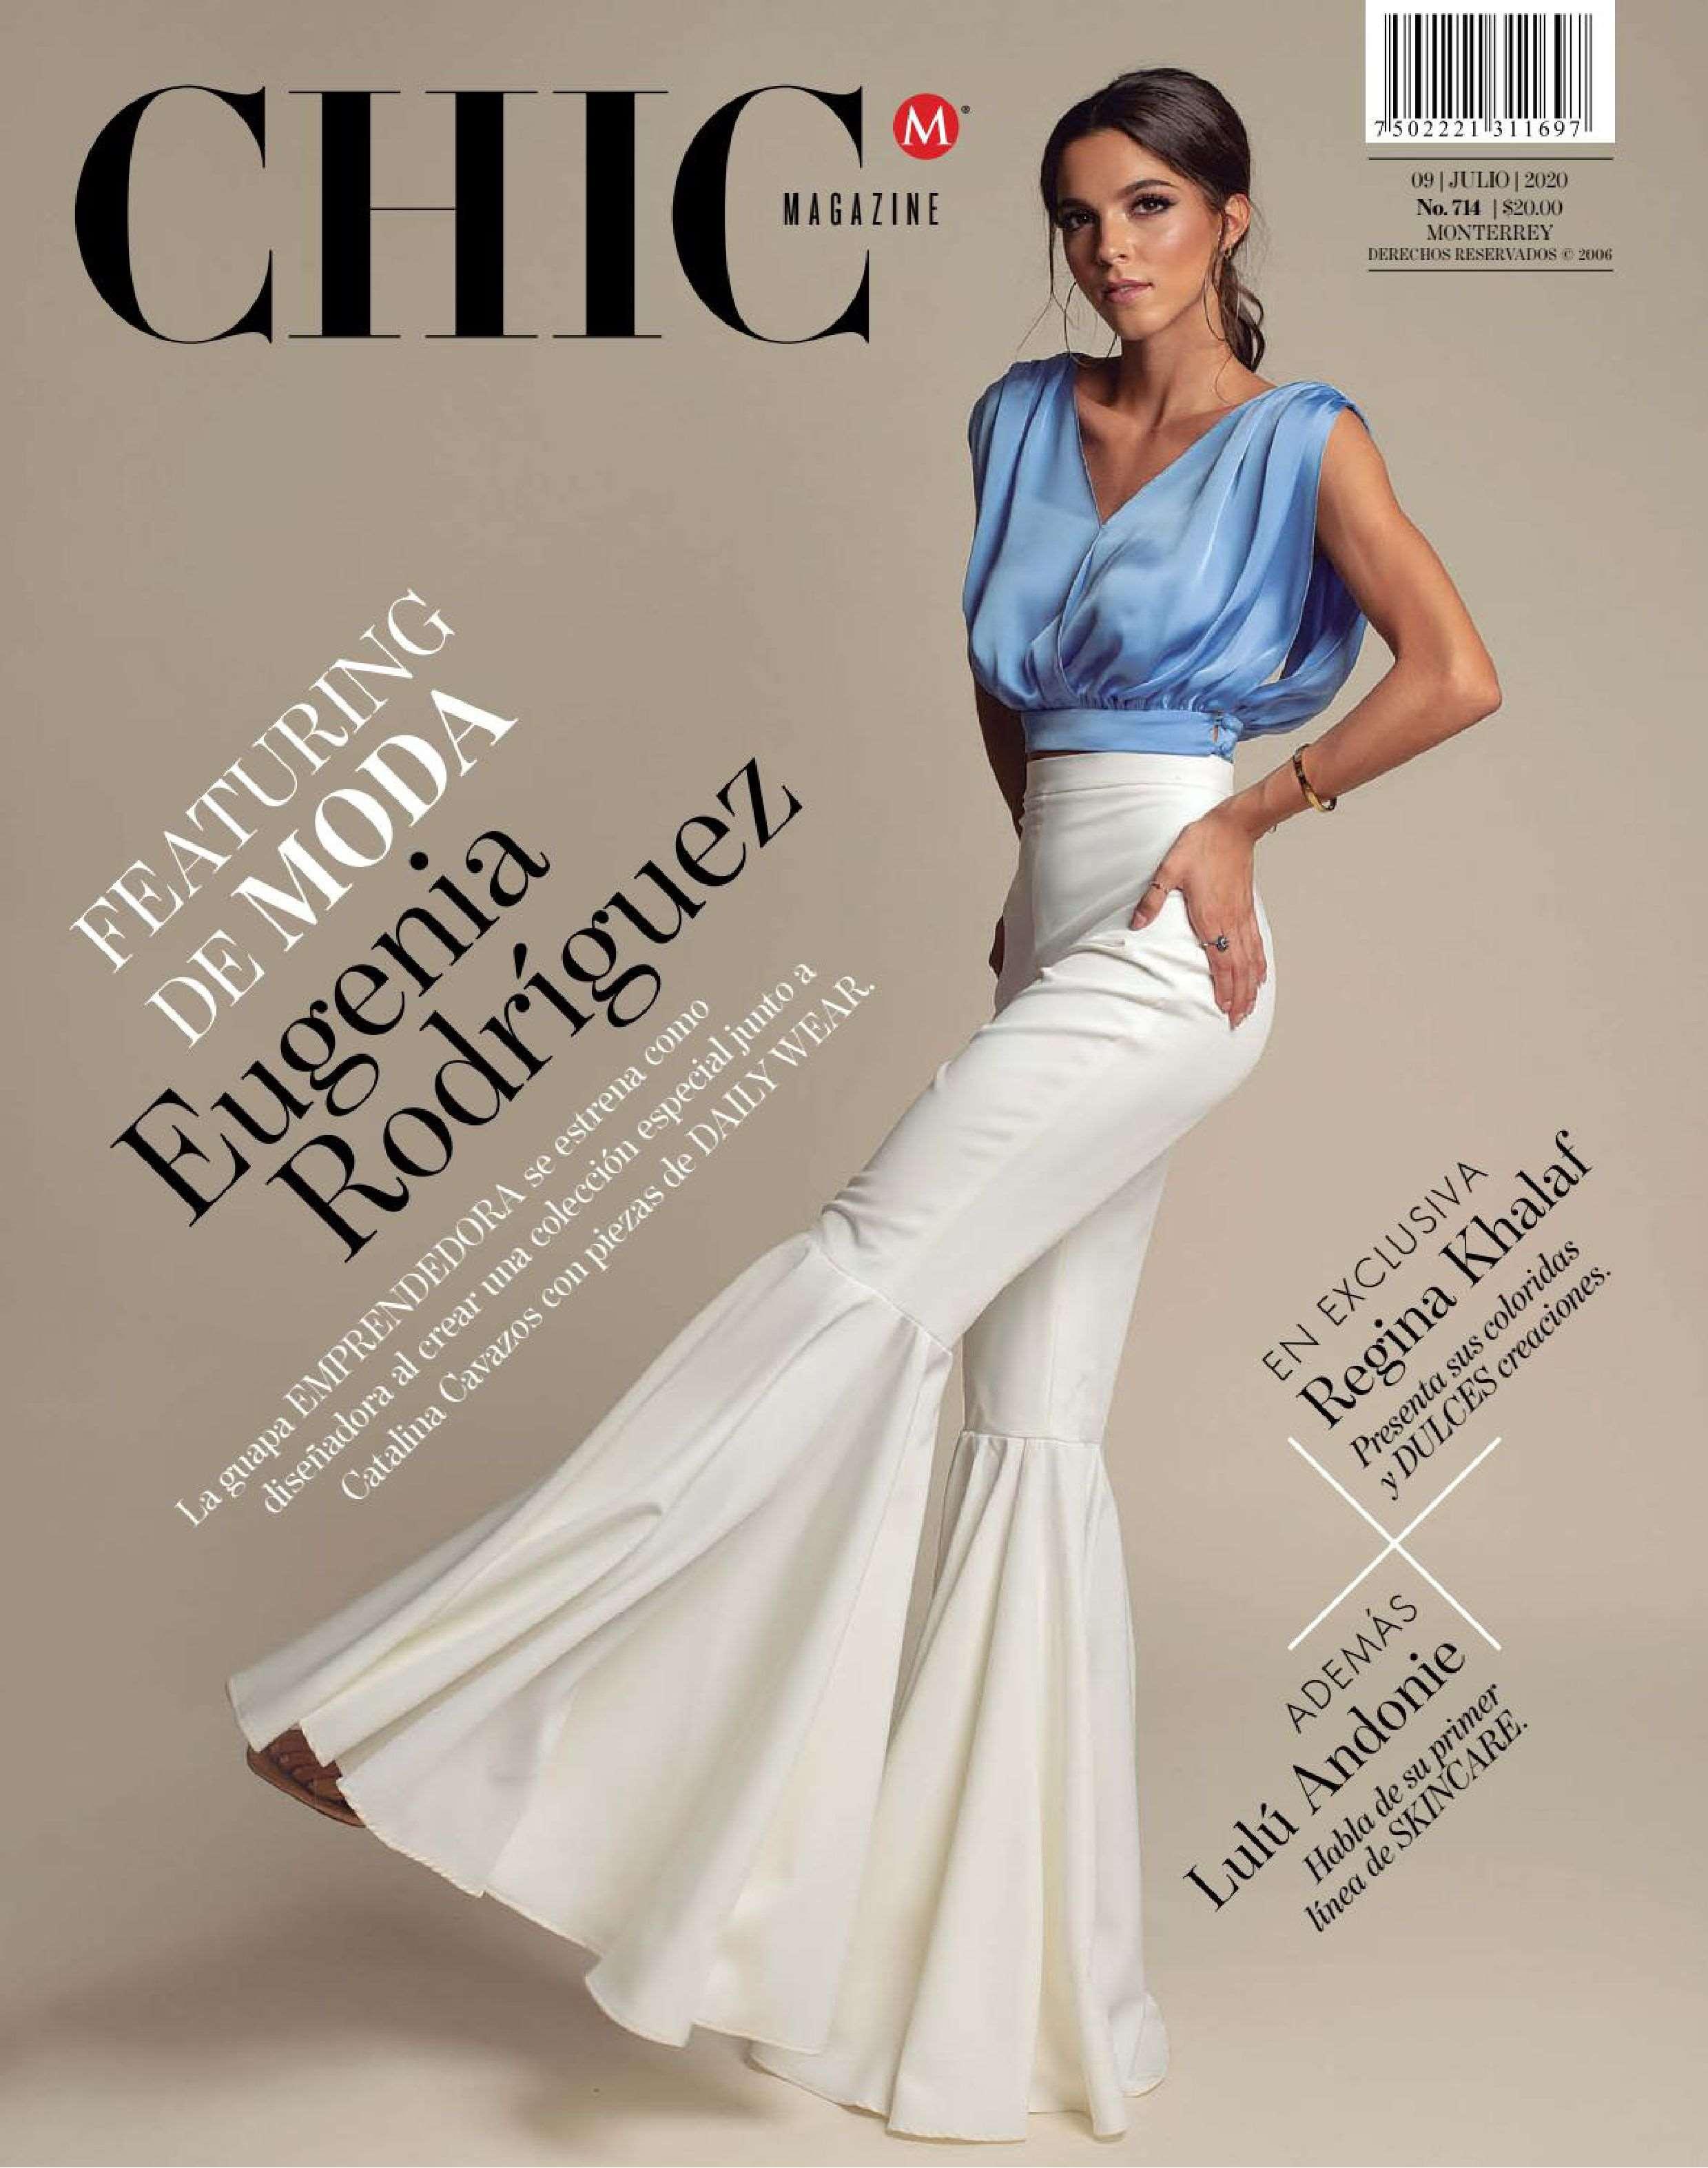 2020.07.09 – Chic Magazine Monterrey MX – cover